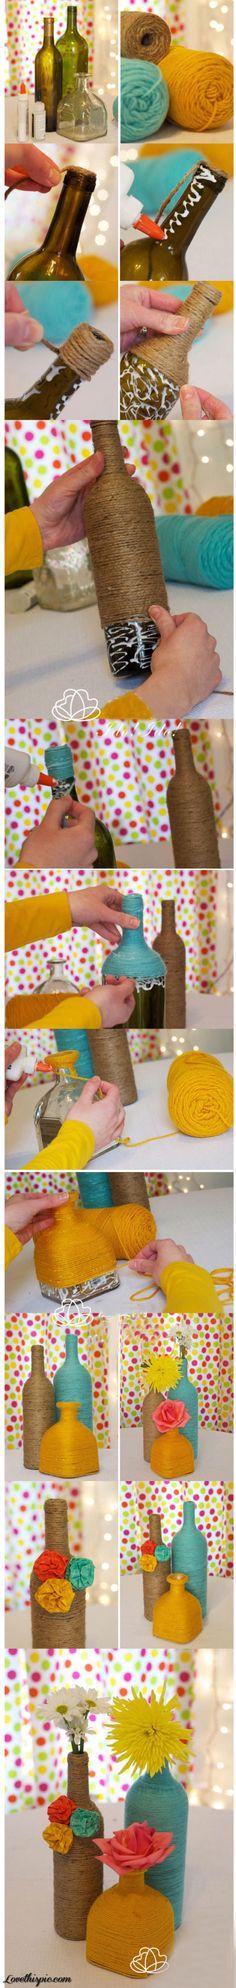 DIY Yarn Bottles diy crafts craft ideas easy crafts diy ideas diy idea diy home diy vase easy diy for the home crafty decor home ideas diy decorations